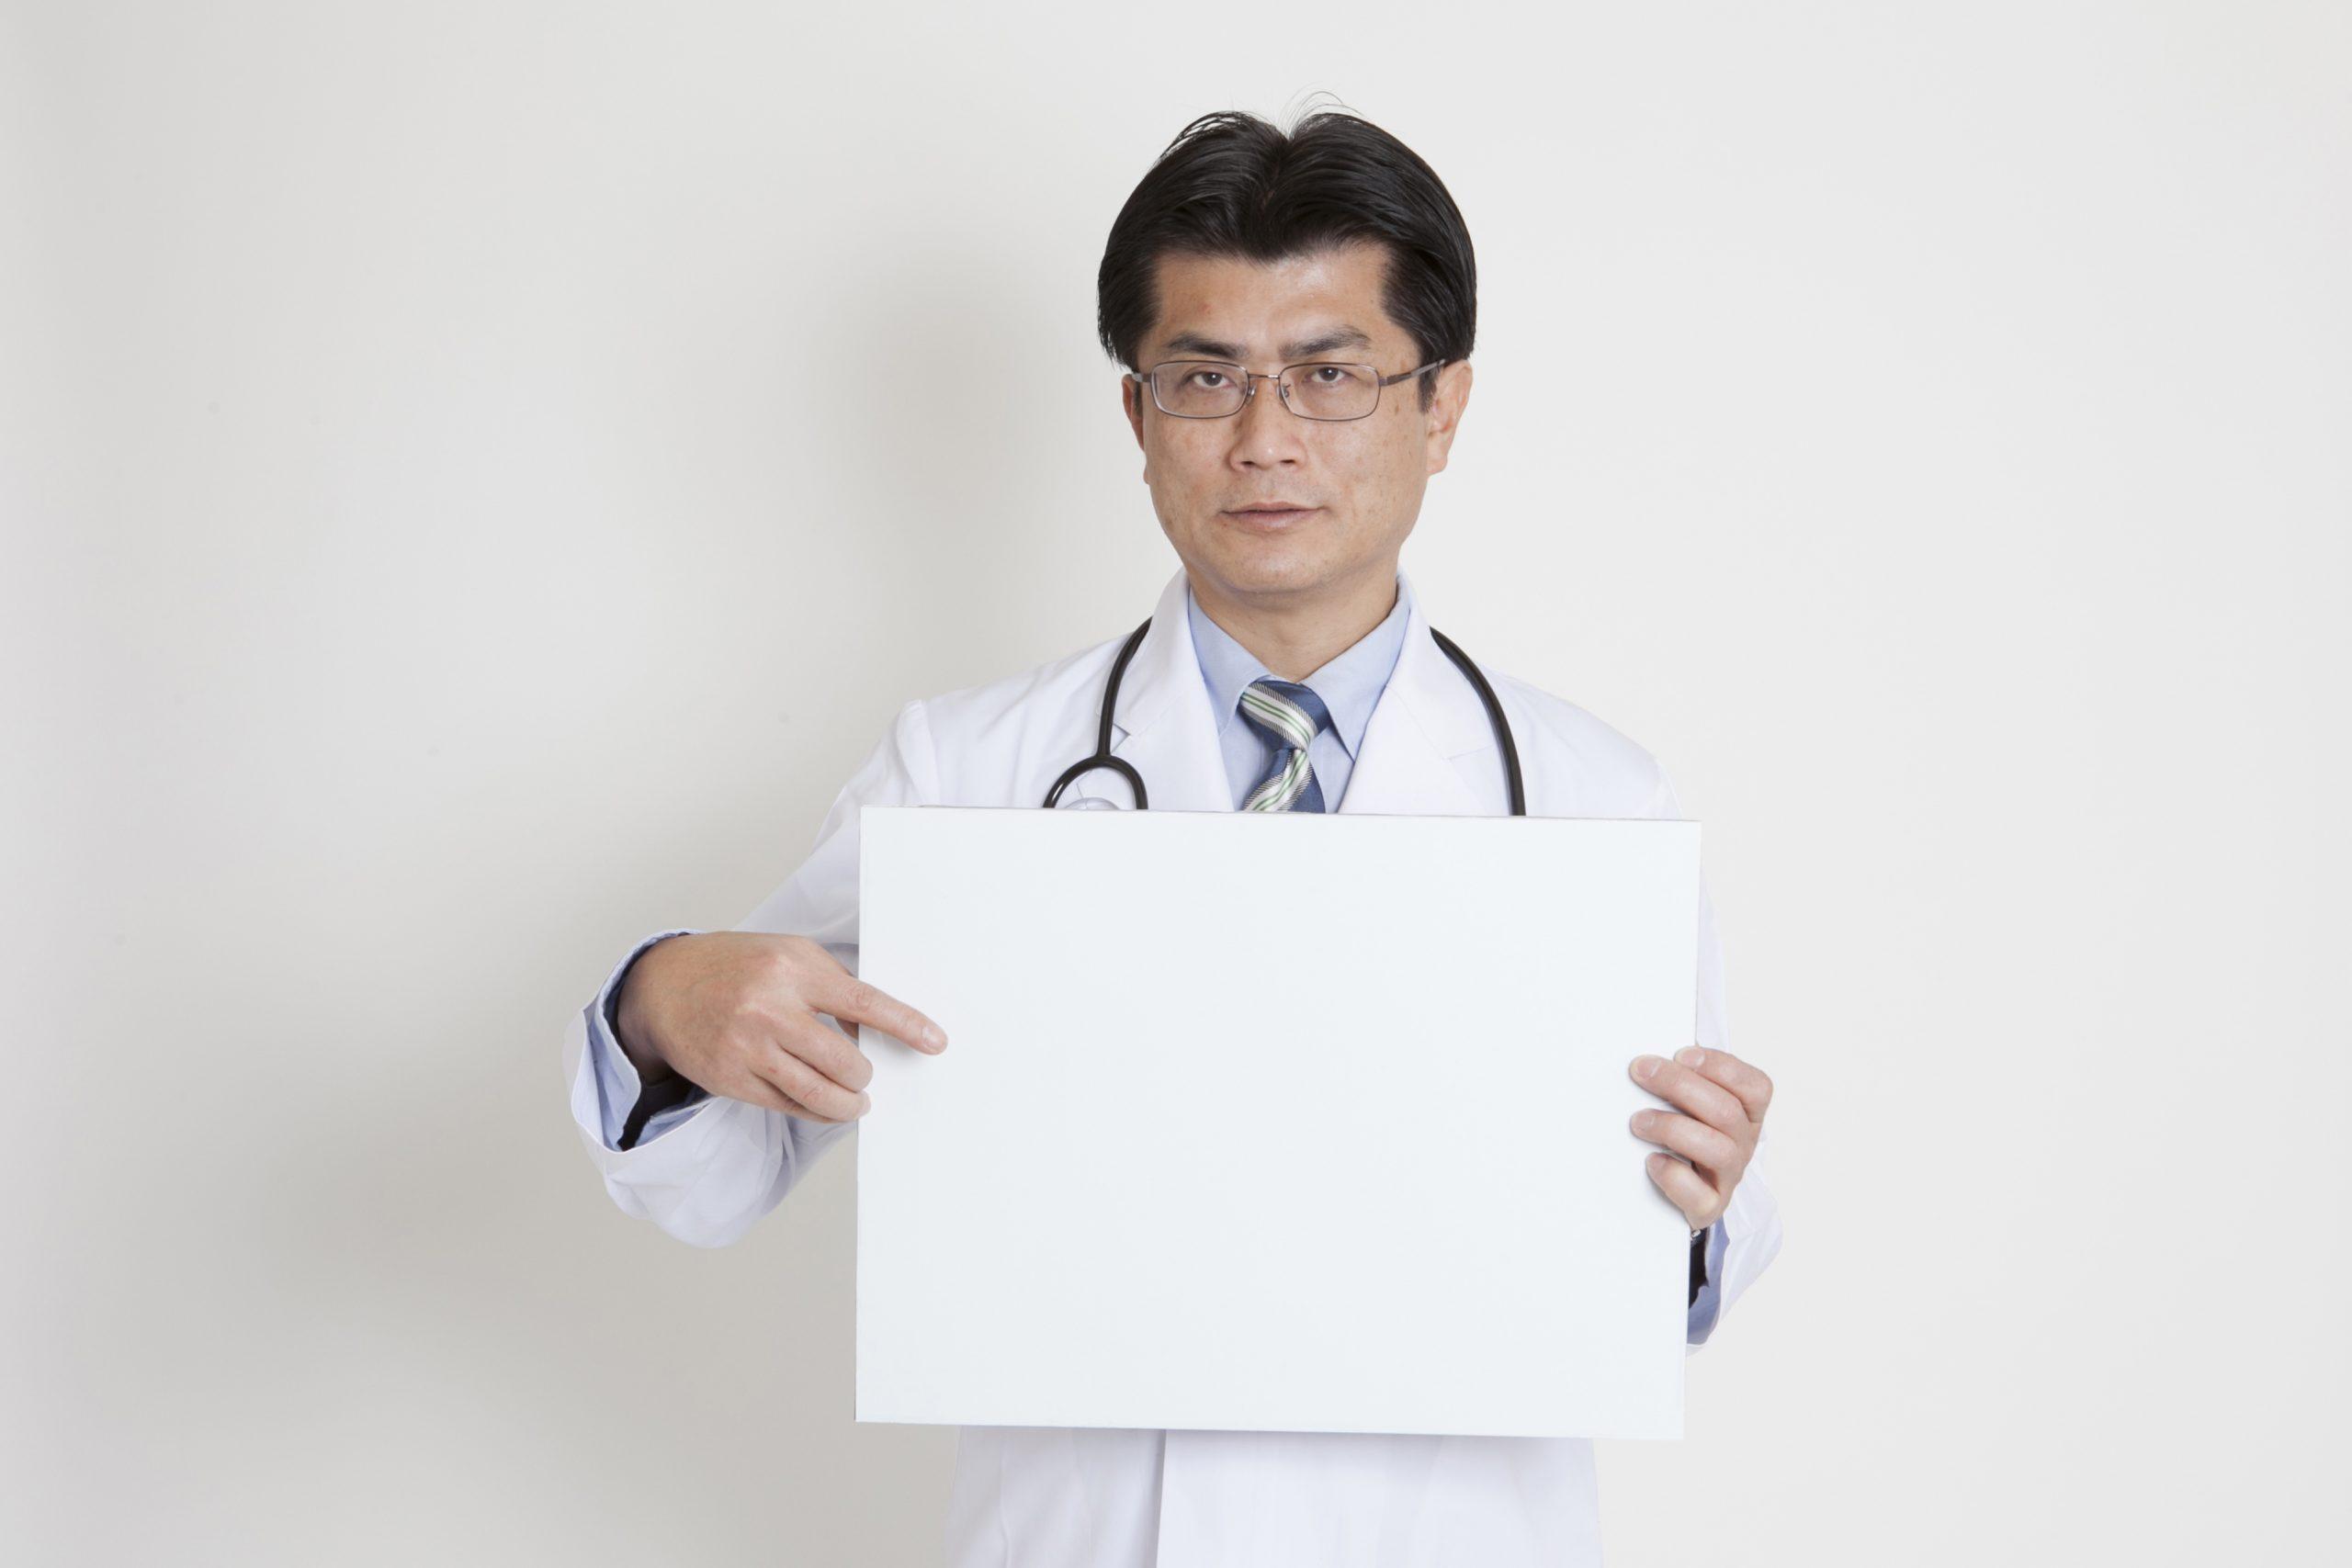 アクアミド注入による亀頭増大術の特徴と値段目安